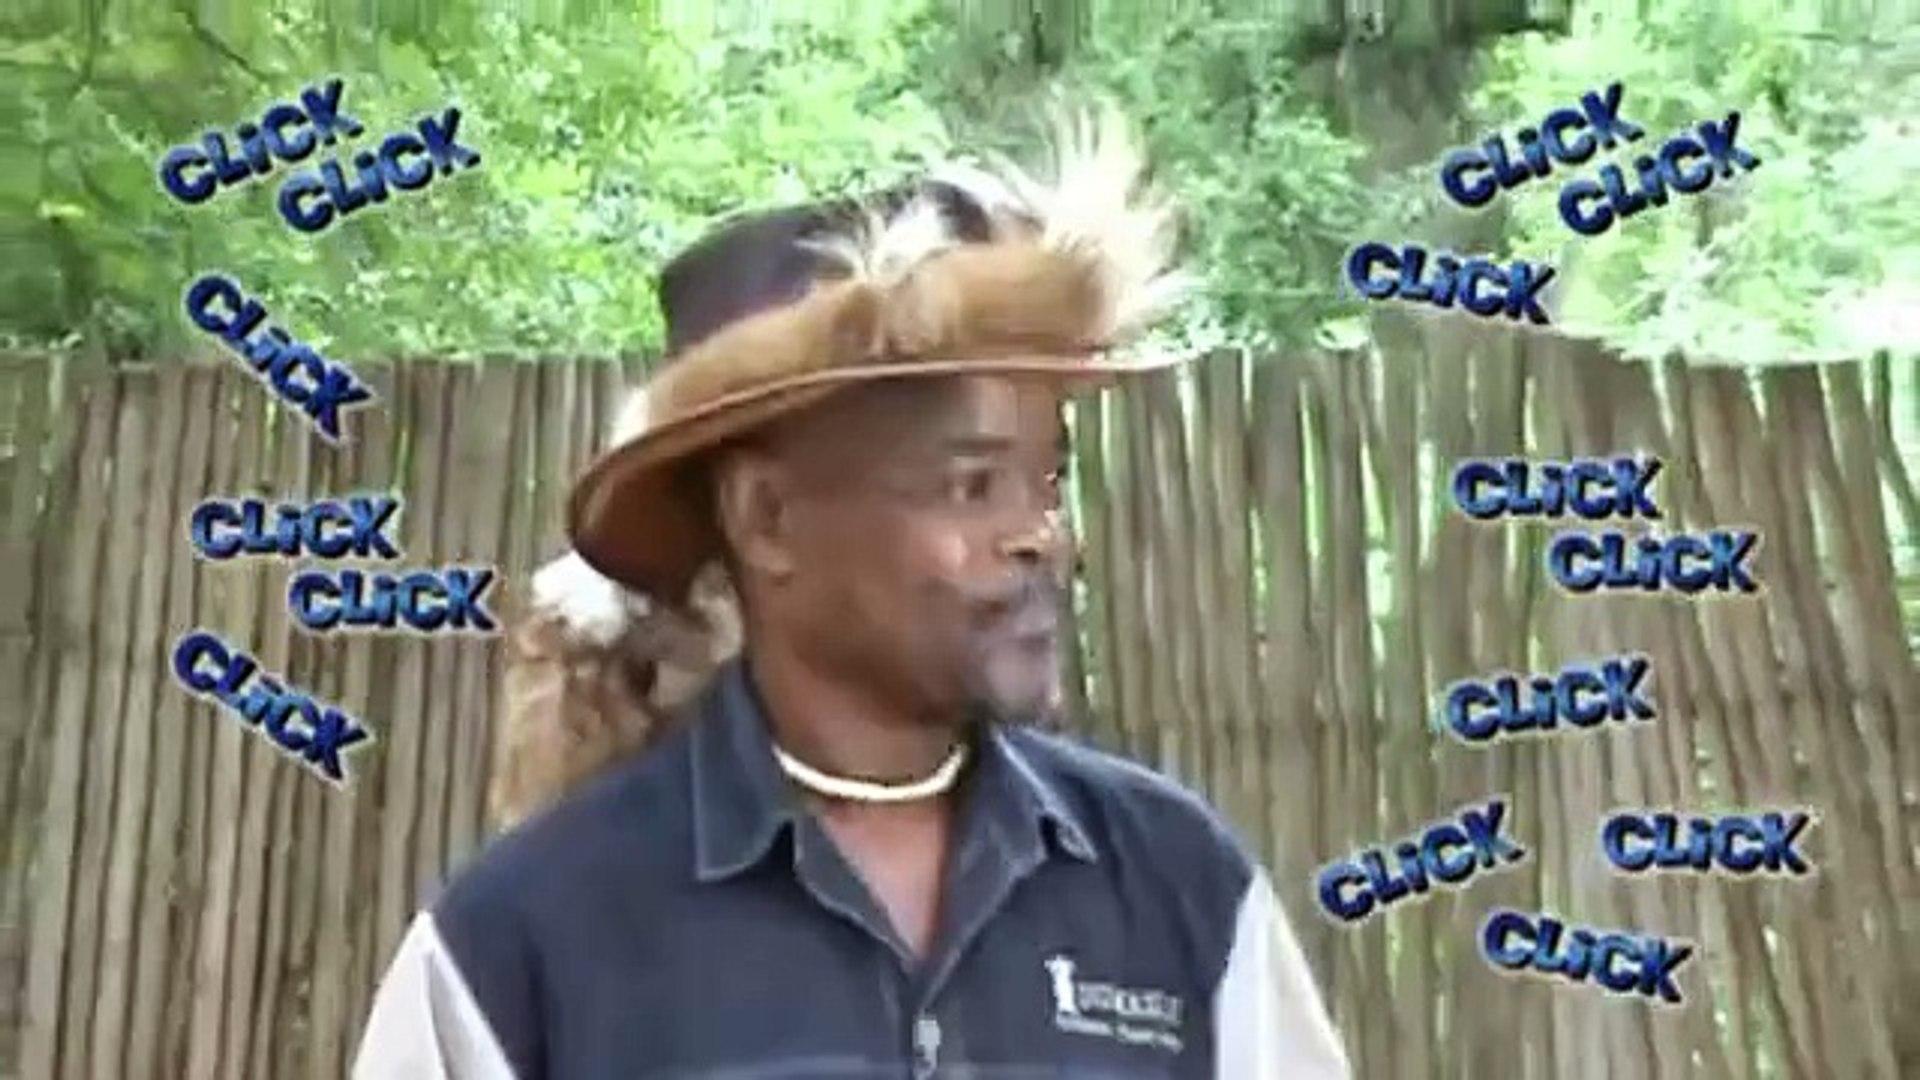 Spoedcursus Zulu taal / Crash couse Zulu language.